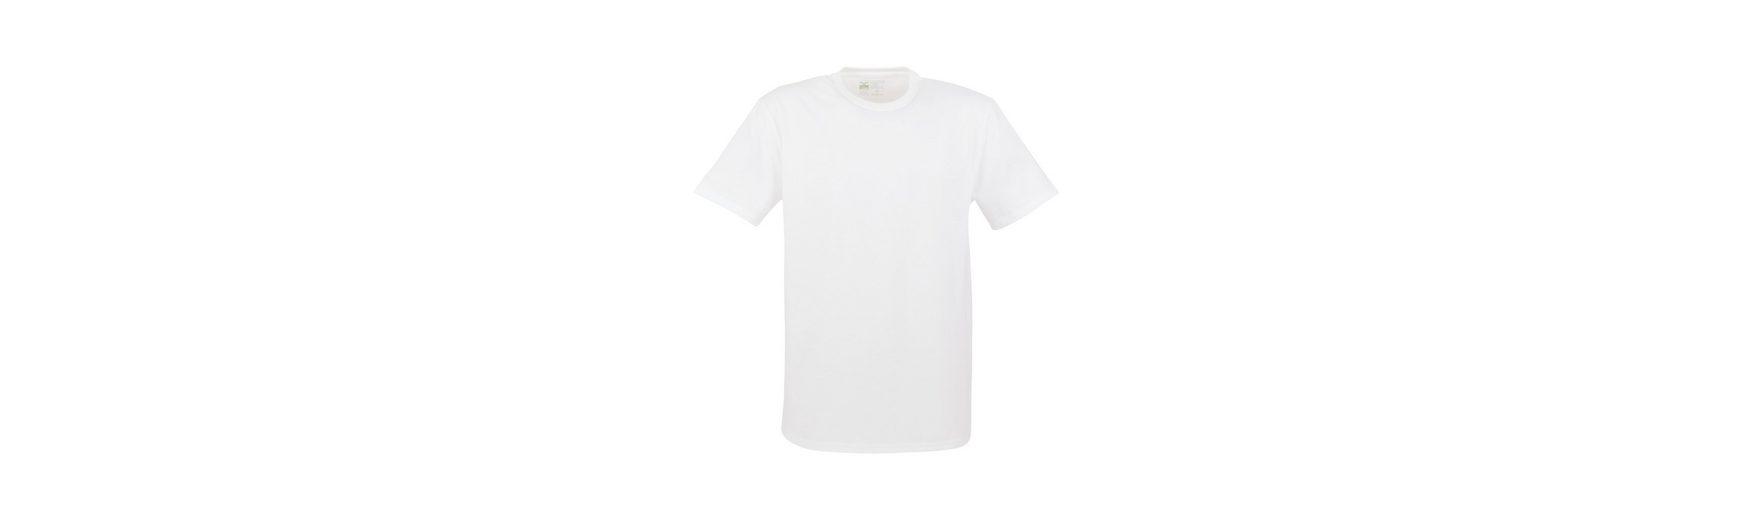 TRIGEMA T-Shirt aus 100% Biobaumwolle Webseiten Günstig Online EH0AN